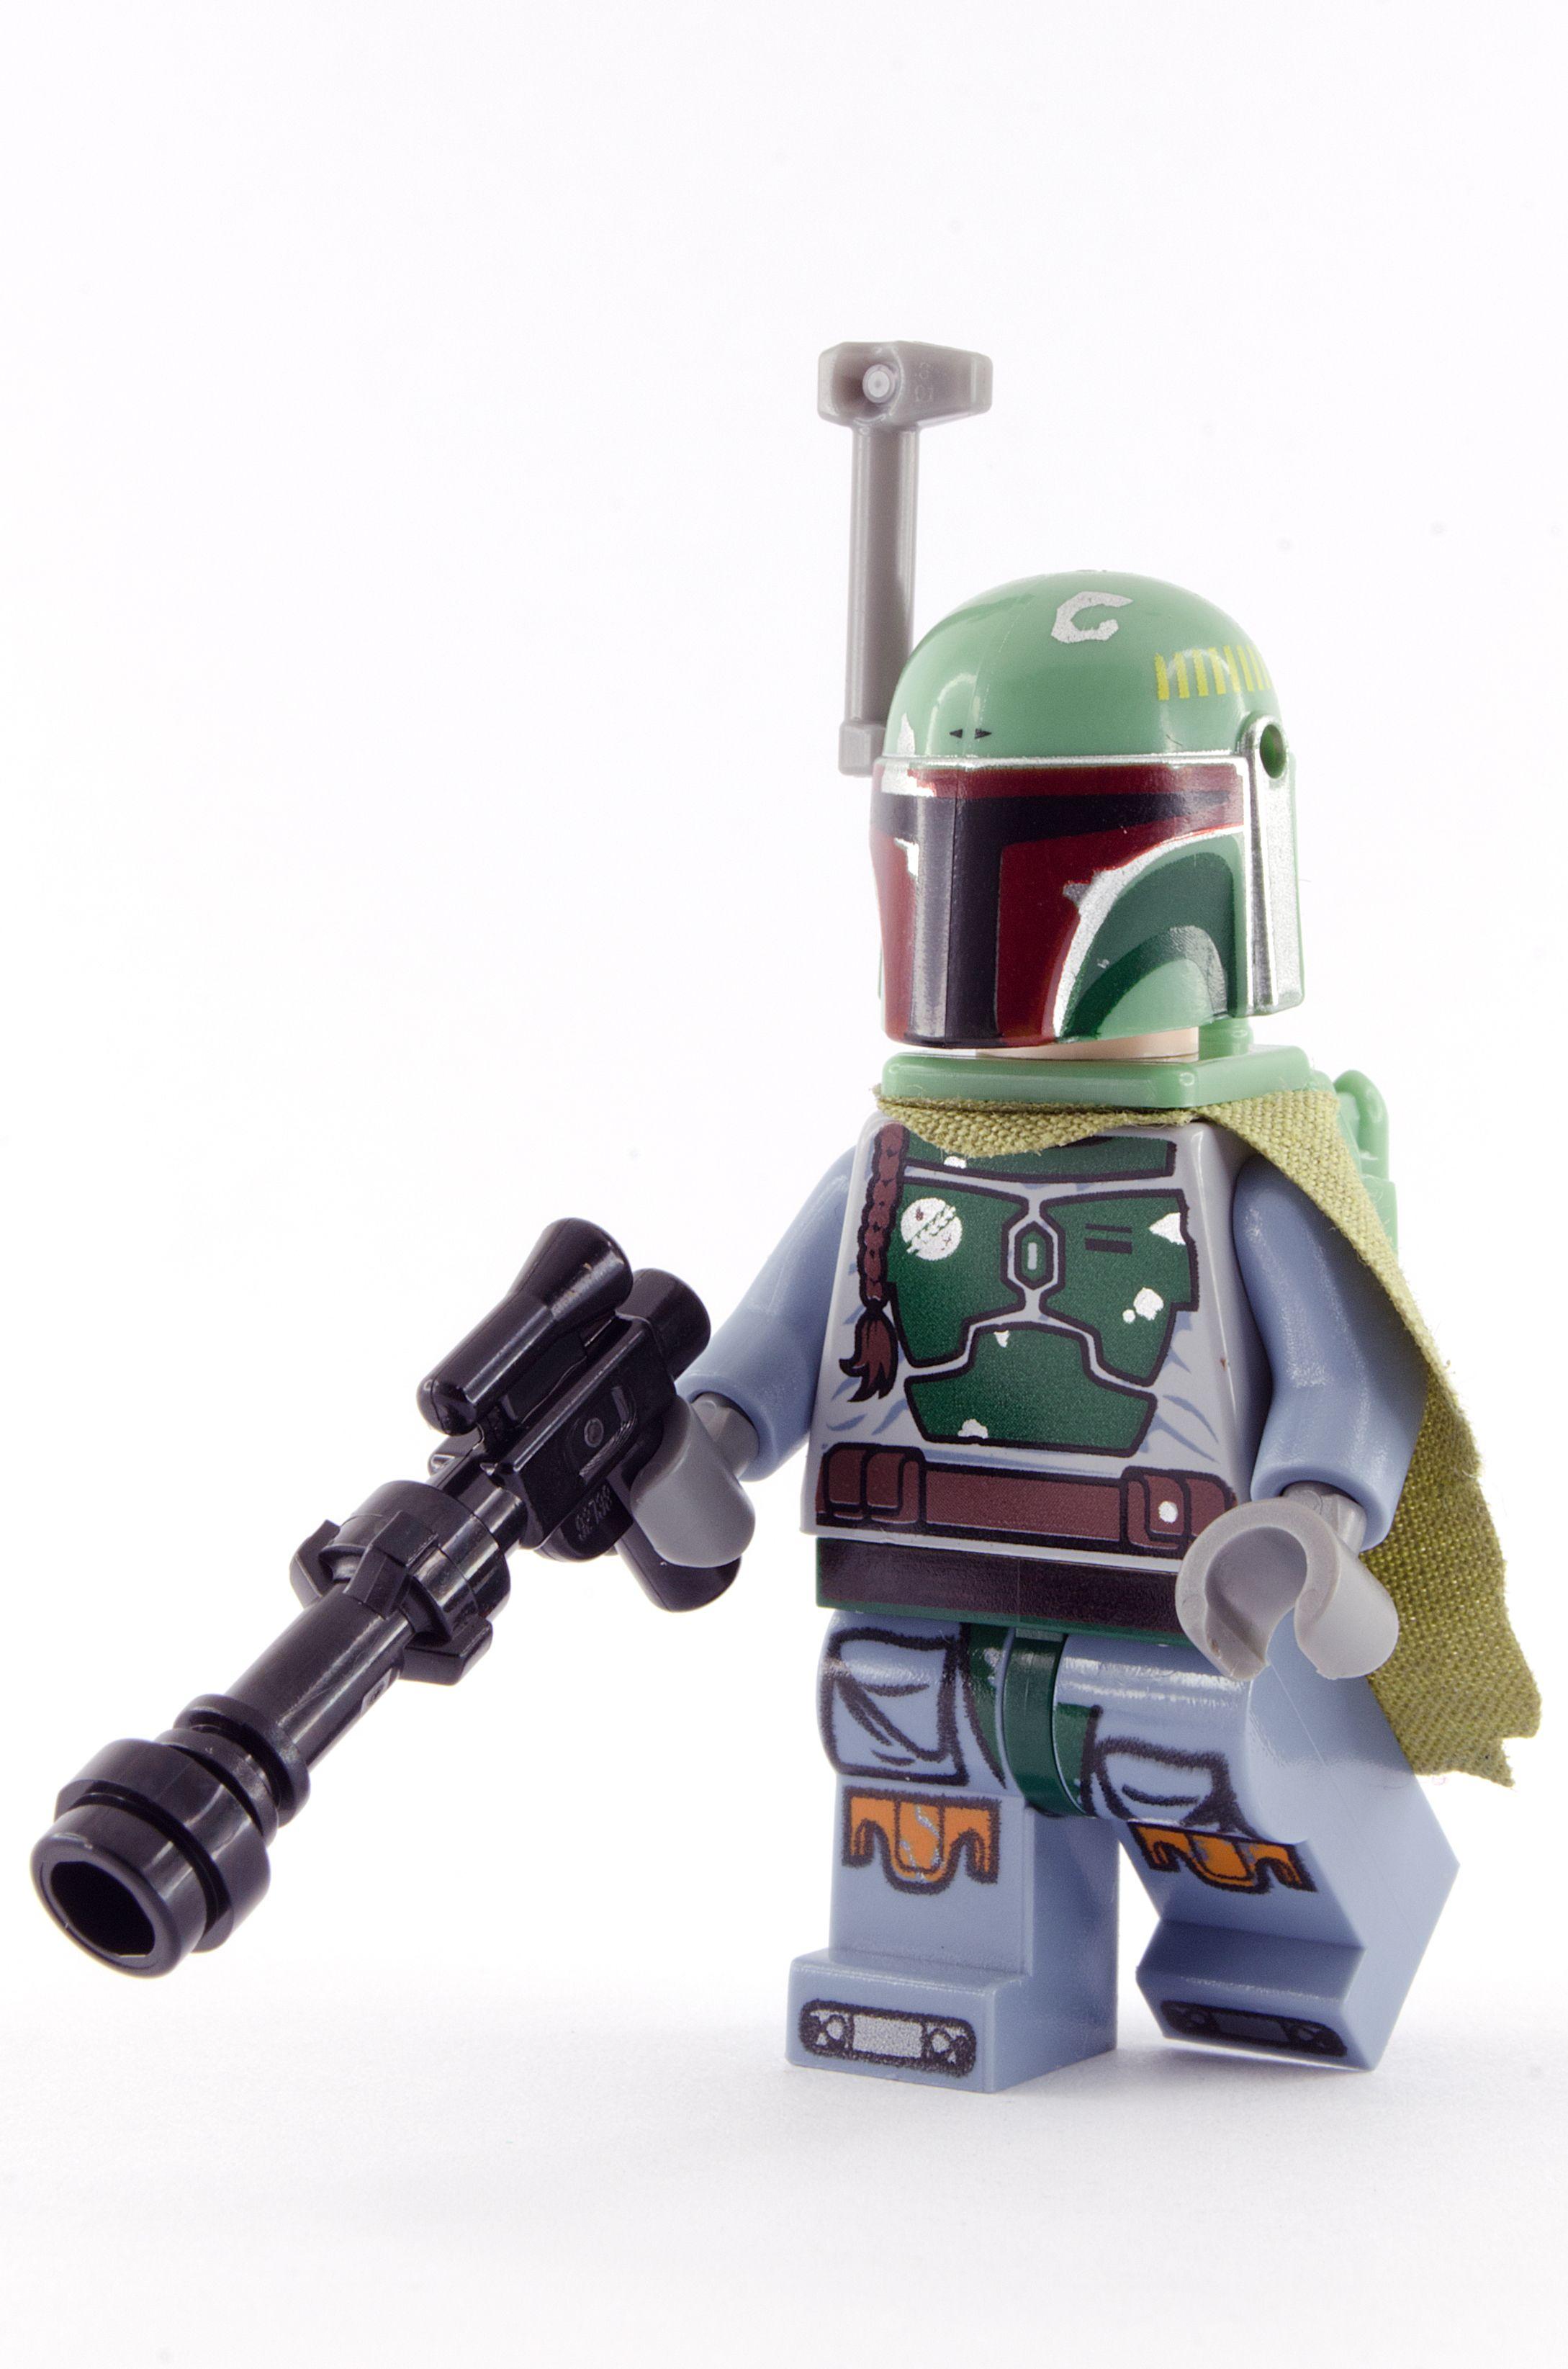 Lego Boba Fett Lego boba fett, Lego star wars, Boba fett